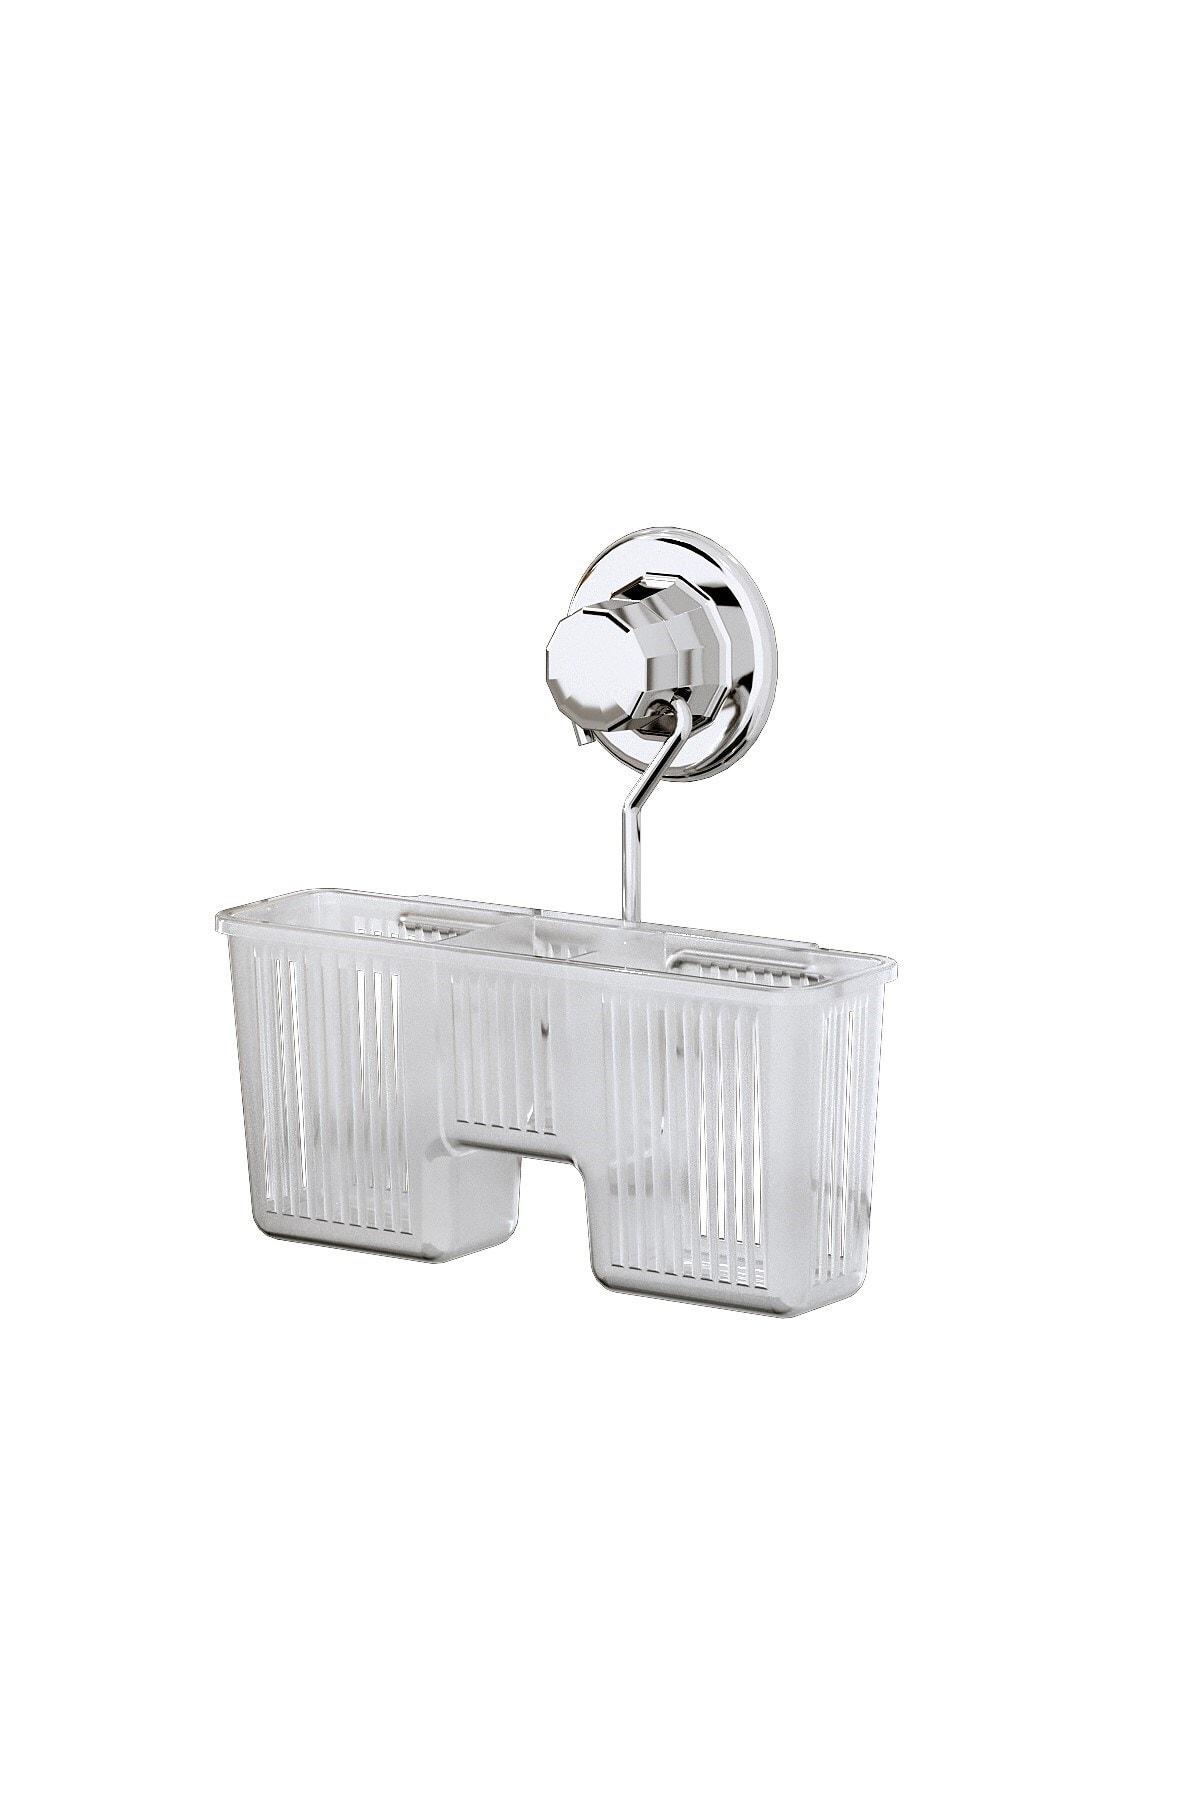 Teknotel Delme Vida Matkap Yok! Vakumlu Plastik Çok Amaçlı Banyo Fırçalık Rafı Krom Dm058 2